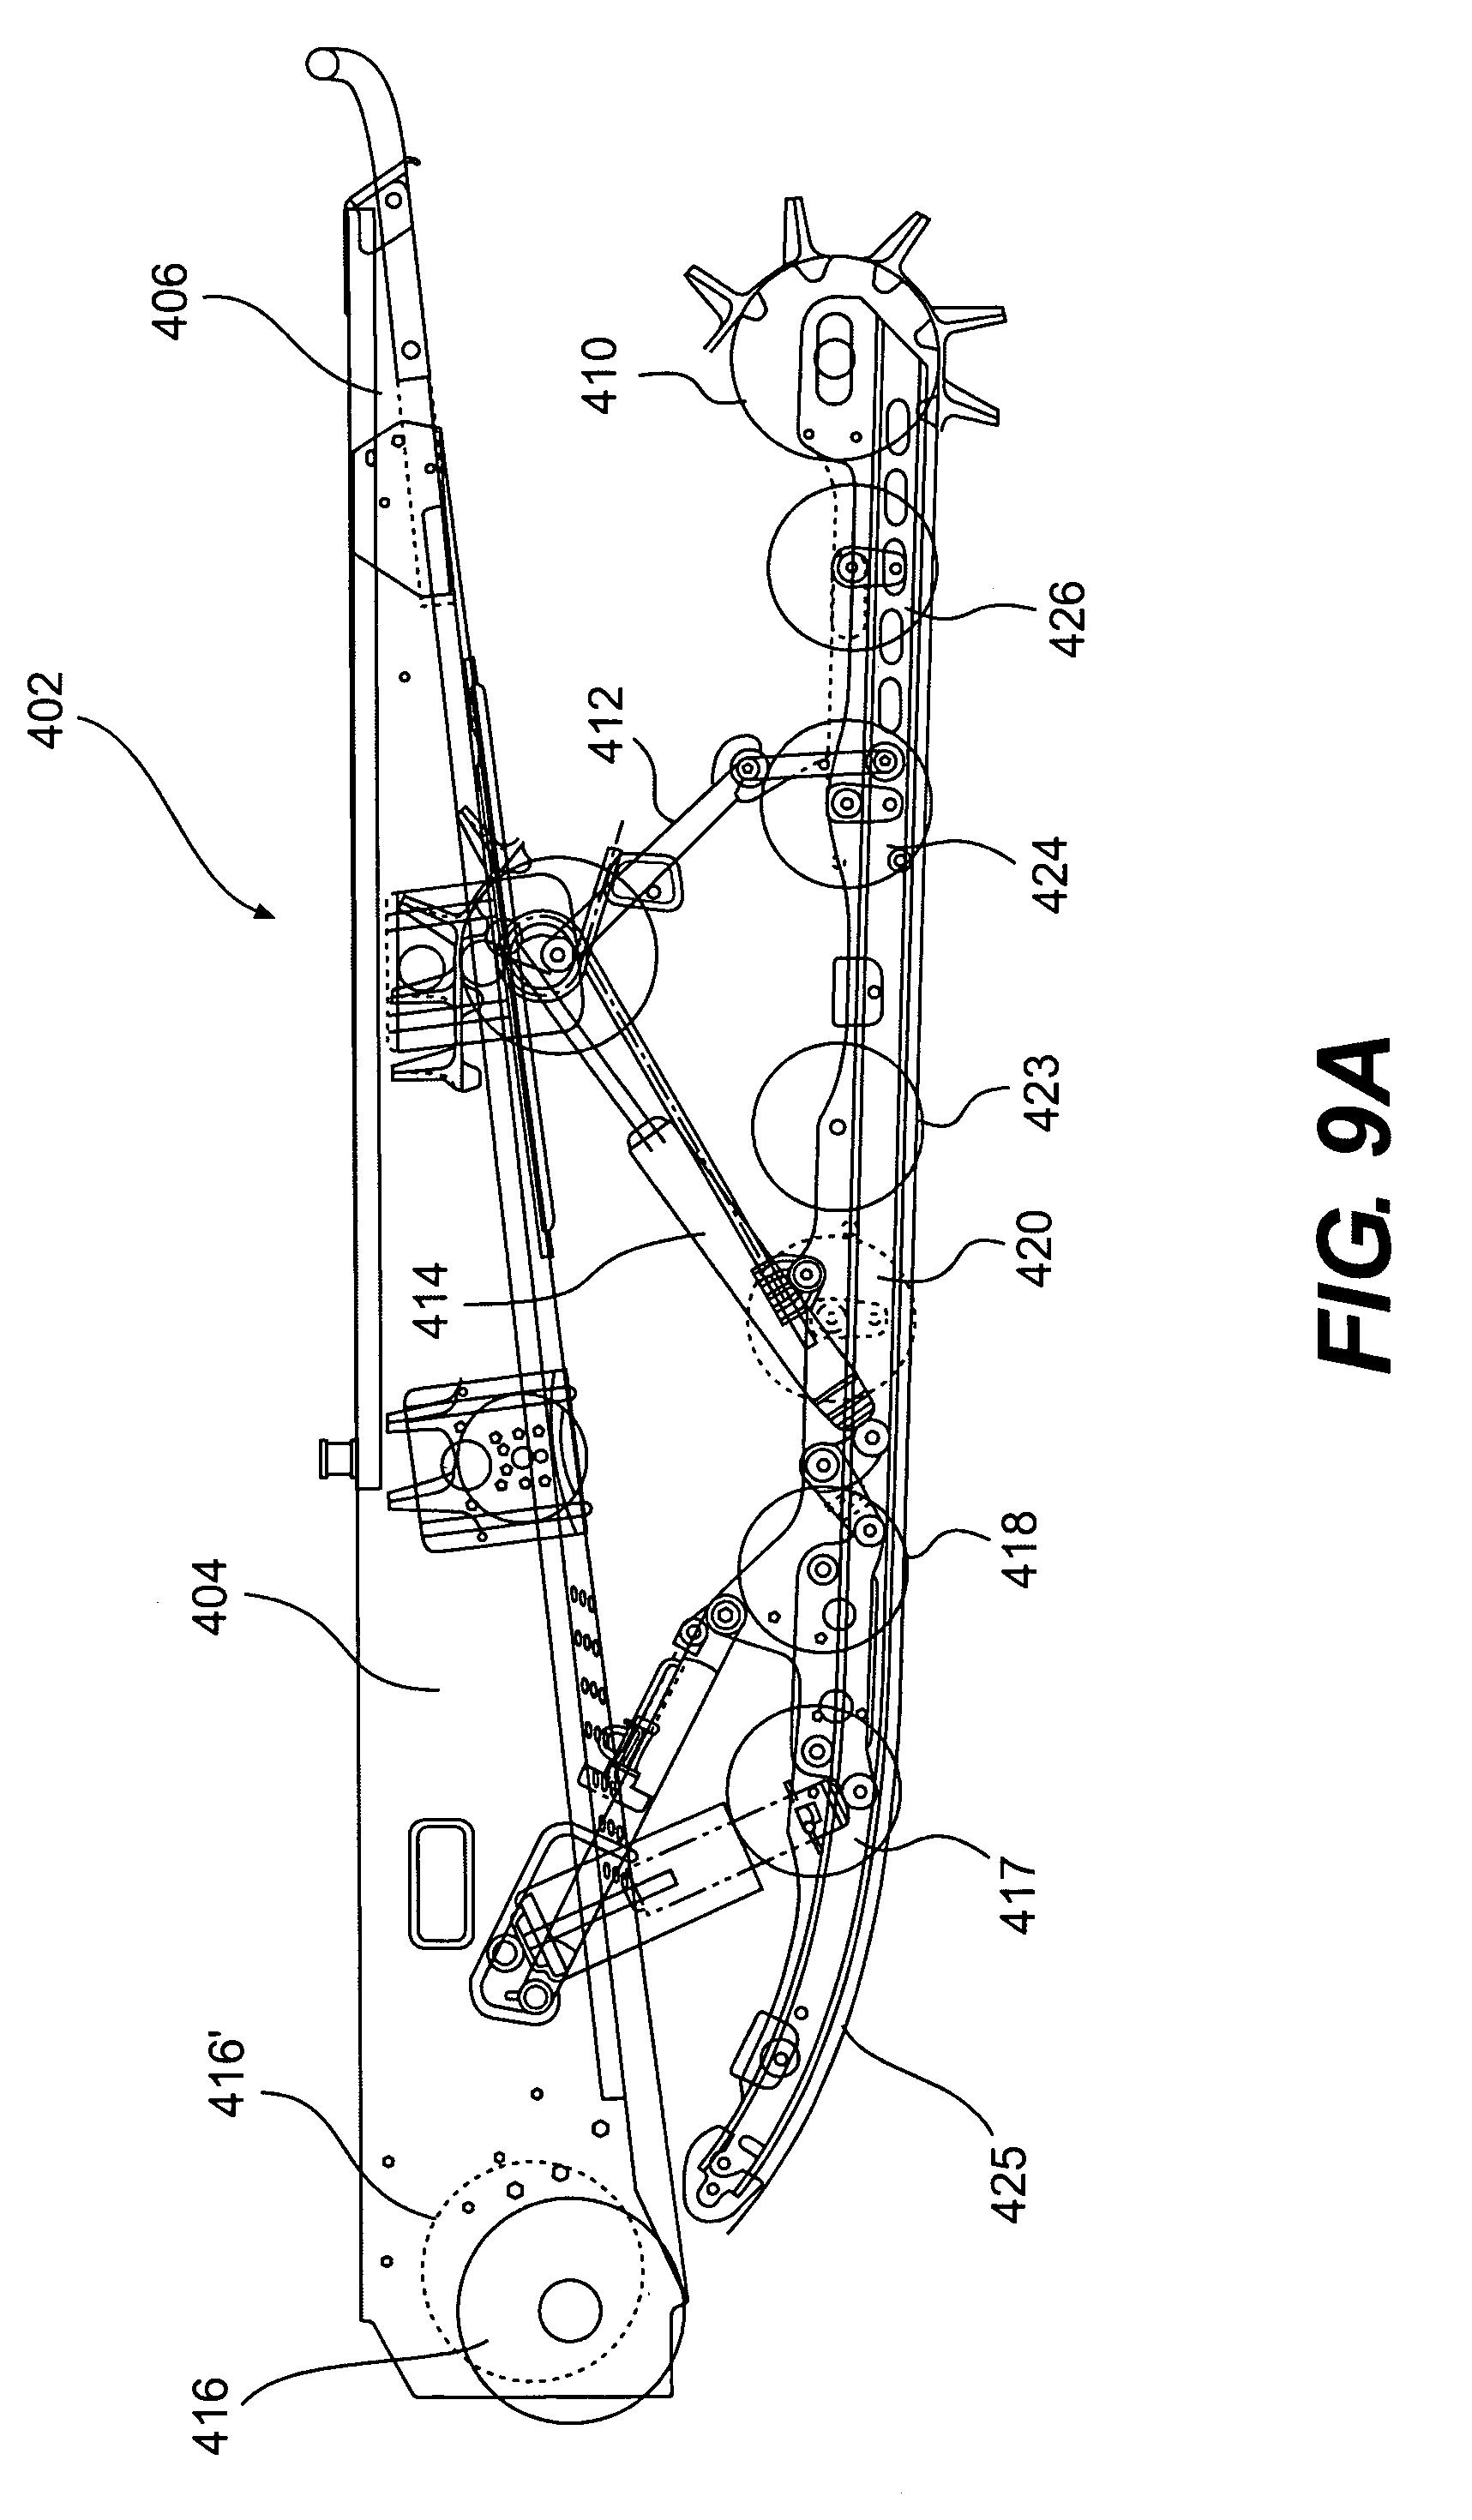 patent us6973988